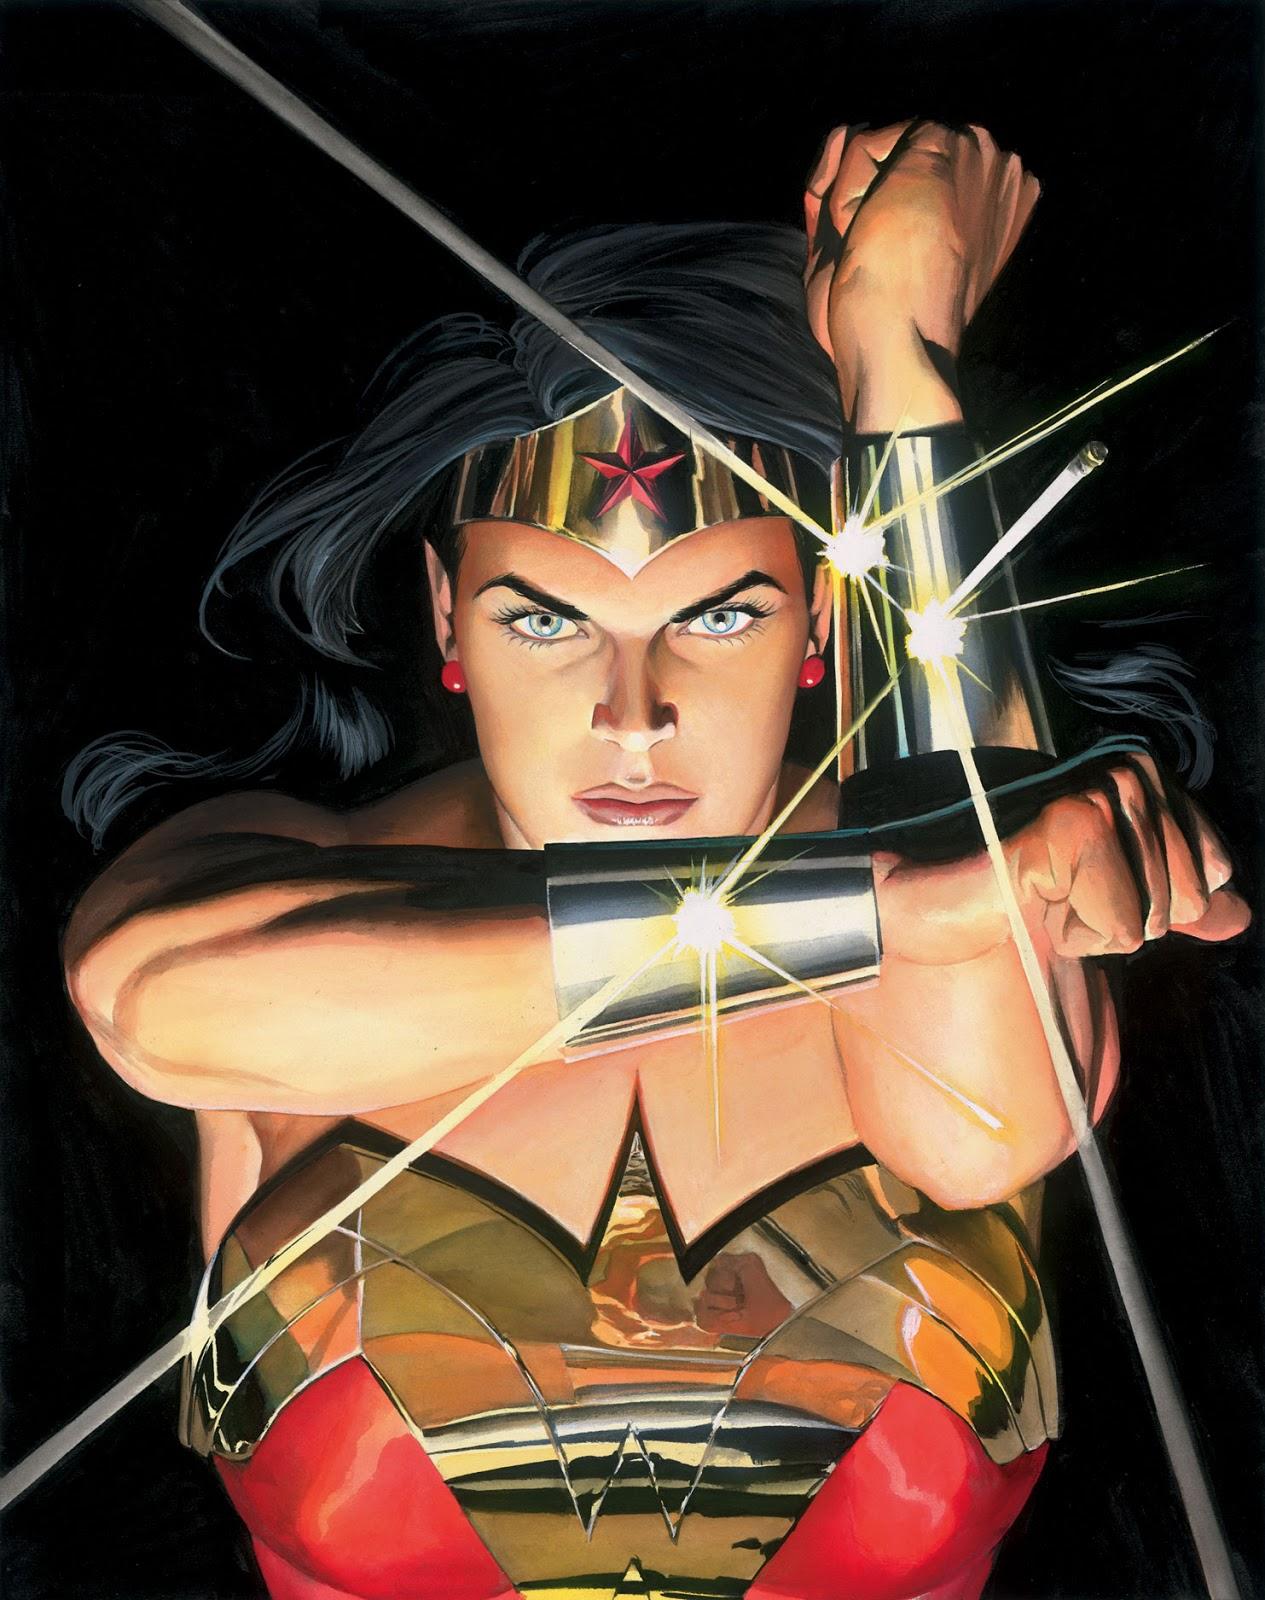 Wallpaper Alex Ross Wonder Woman Looking At Viewer 1265x1600